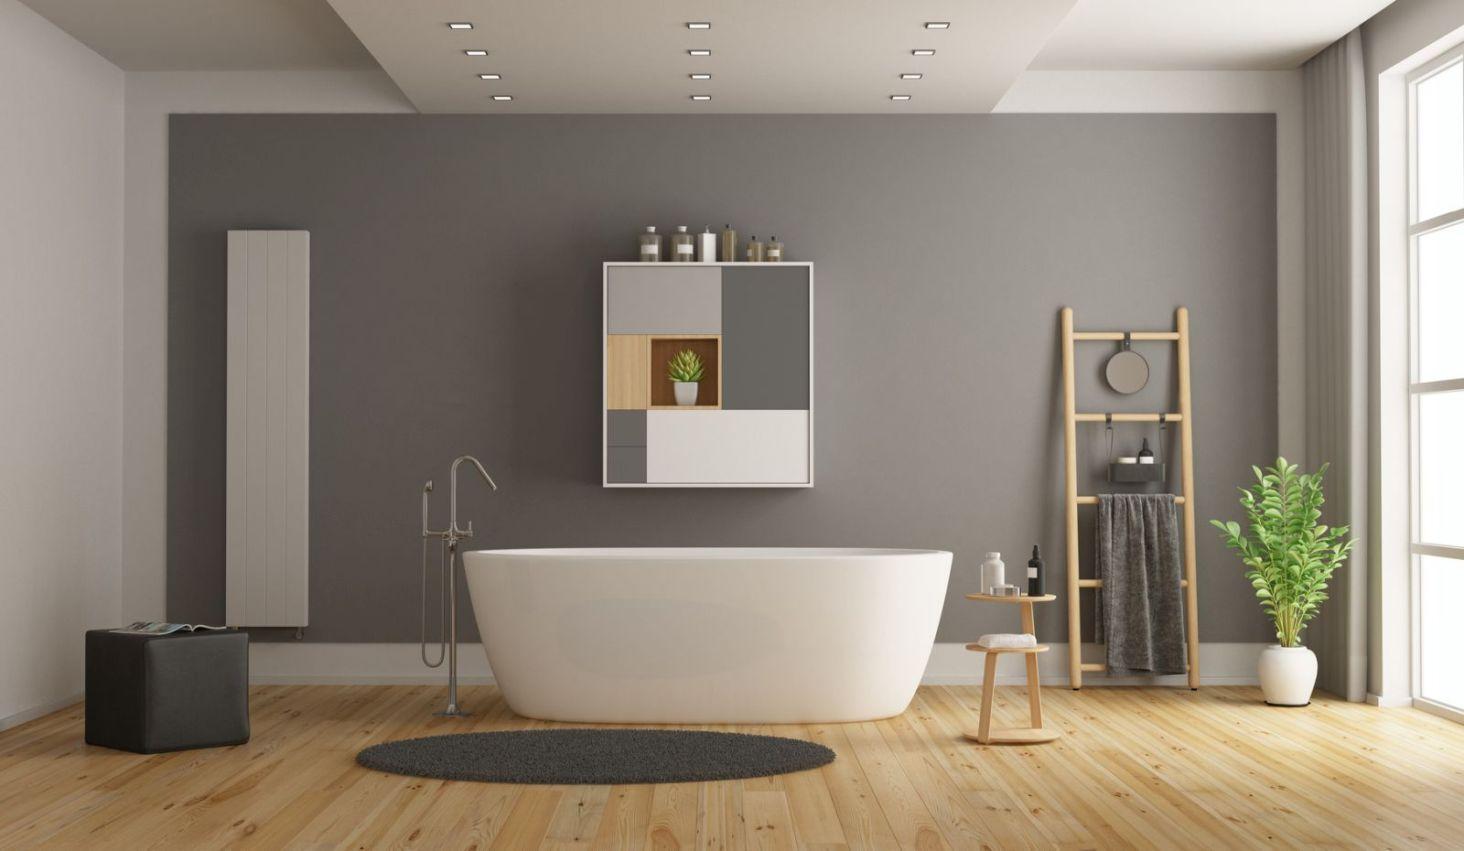 Panele Podłogowe Do łazienki Jakie Wybrać I Na Co Zwrócić